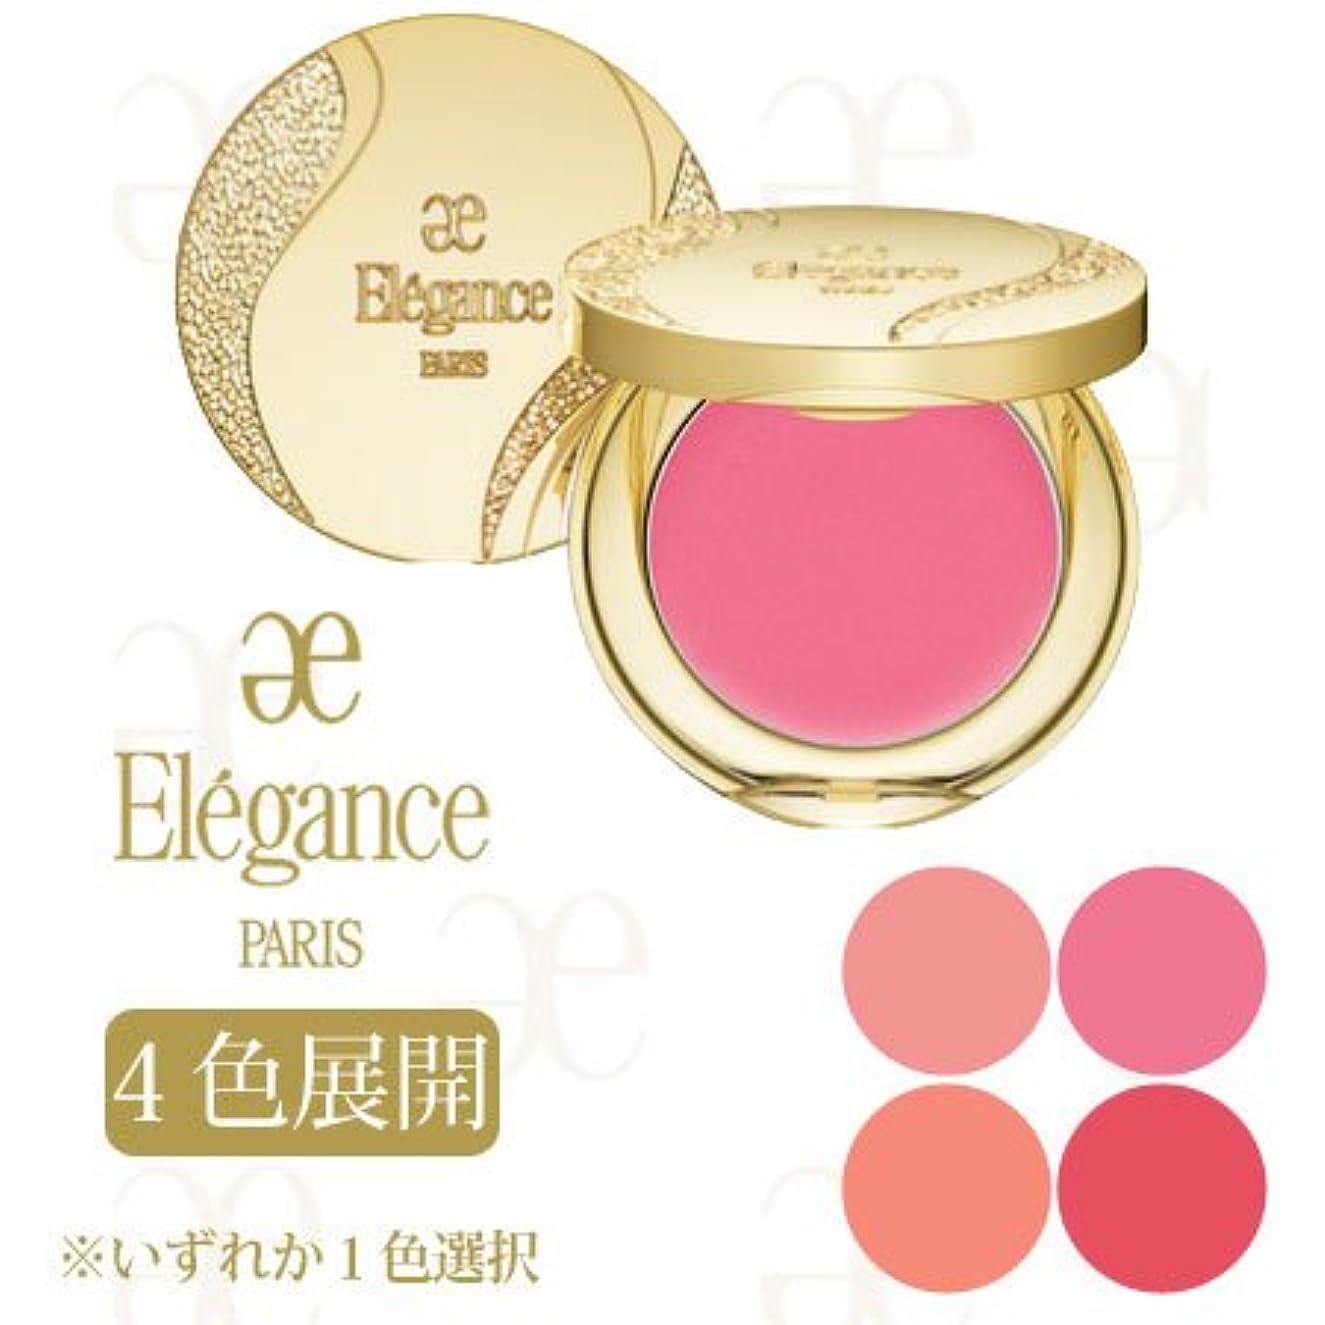 差別化する有益おなじみのエレガンス スリーク フェイス N (クリームチーク) 全4色展開 -ELEGANCE- PK101